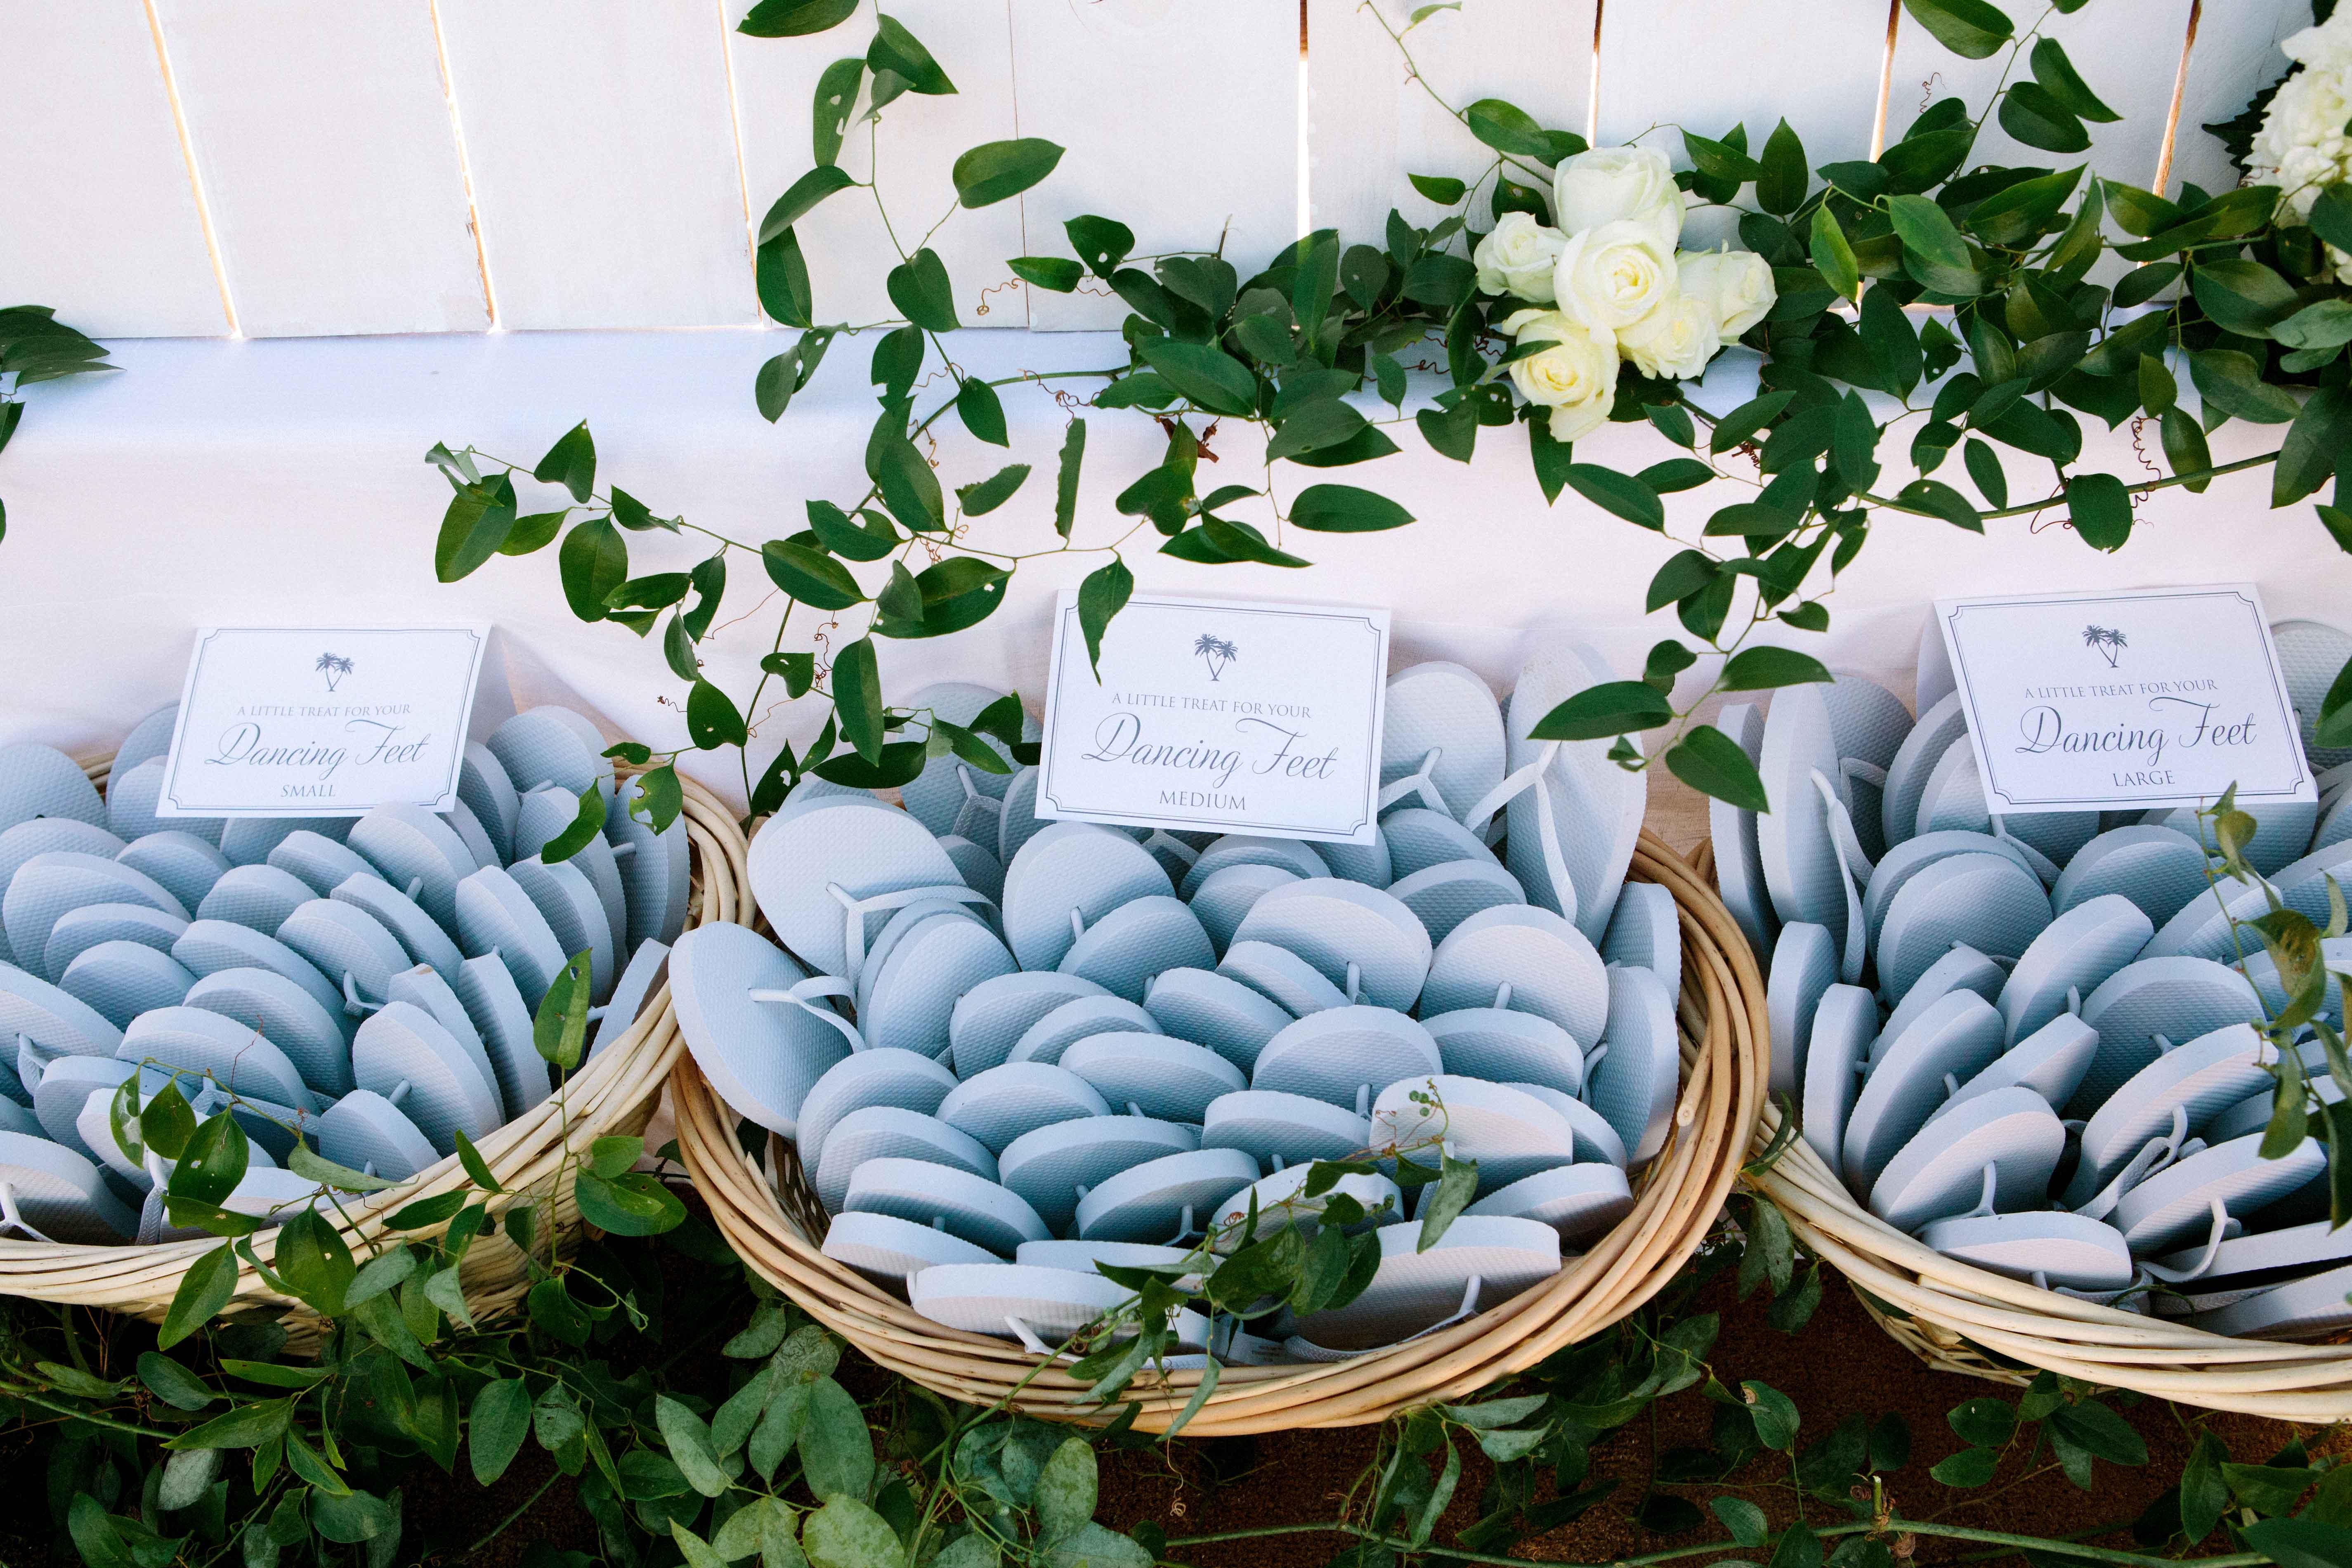 Light blue flip flops in baskets grey details